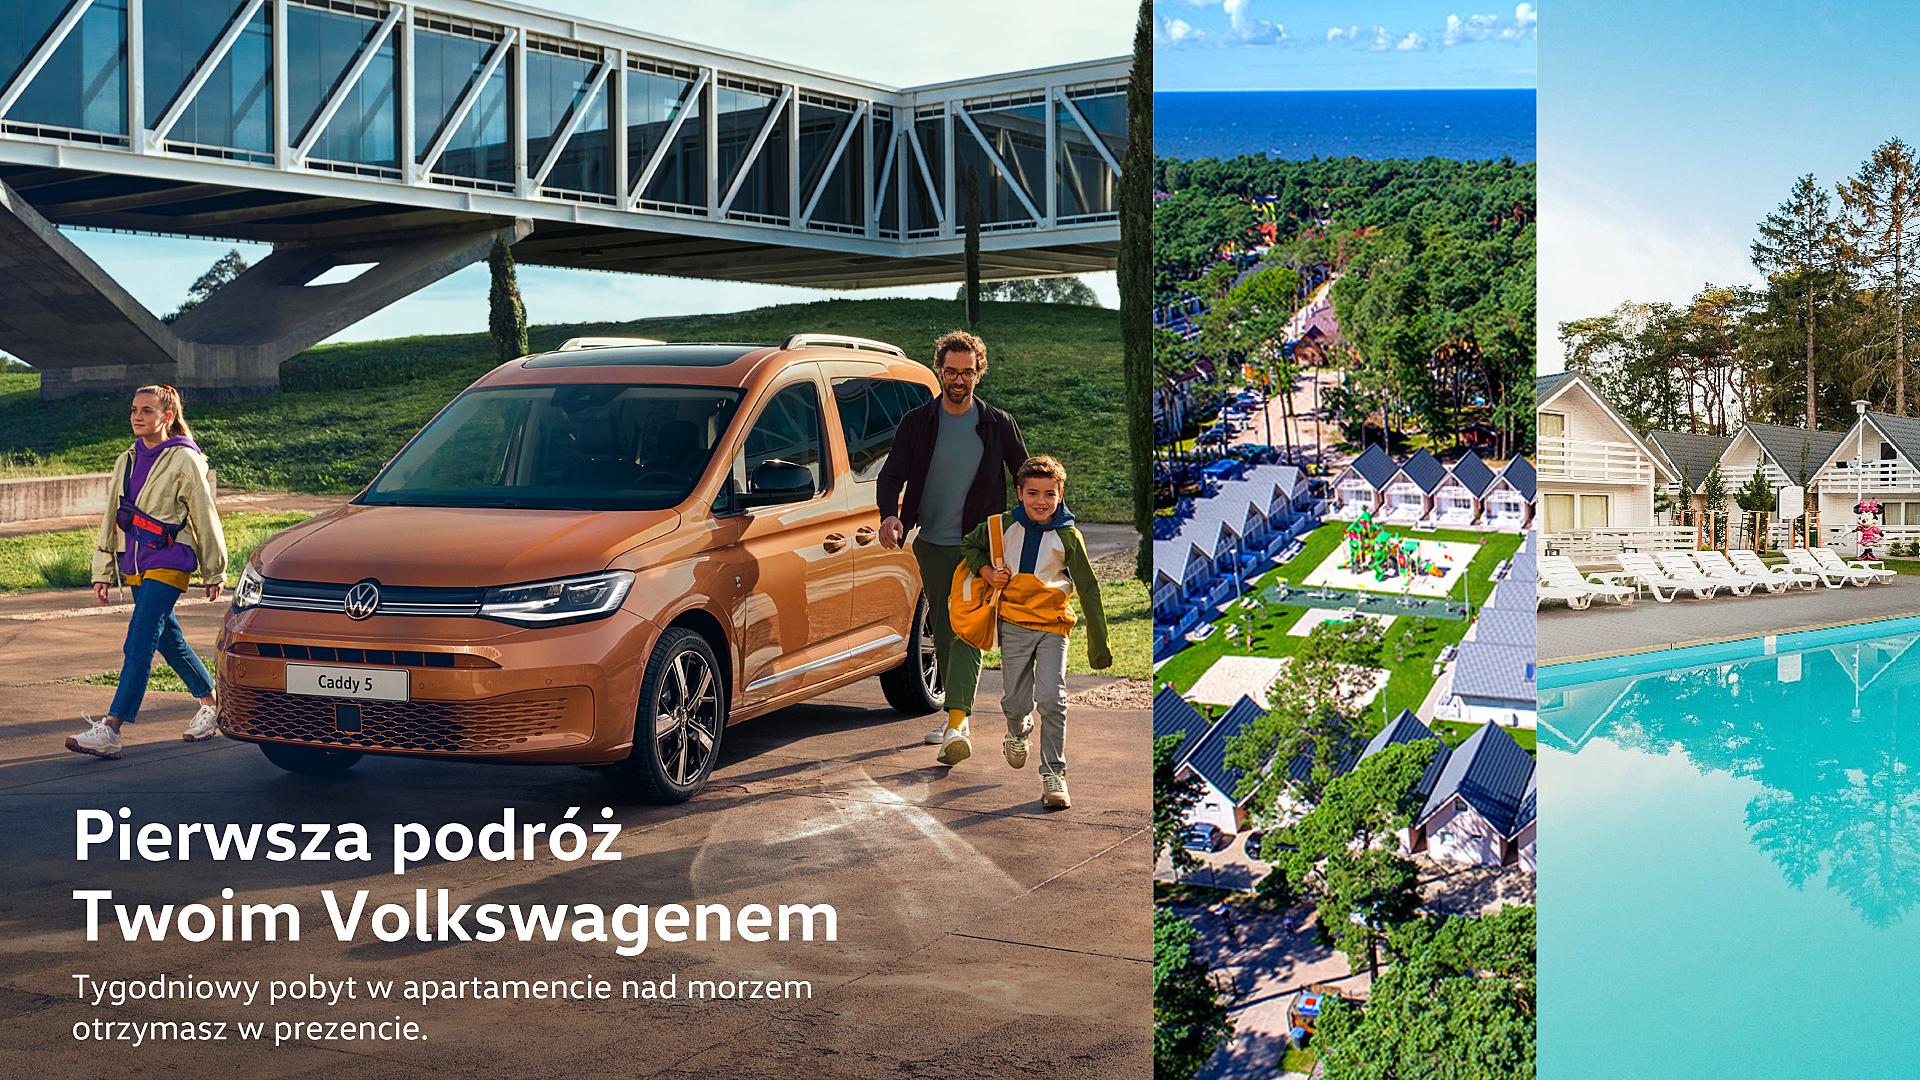 Krotoski Warszawa Autoryzowany Dealer Volkswagen Samochody Dostawcze